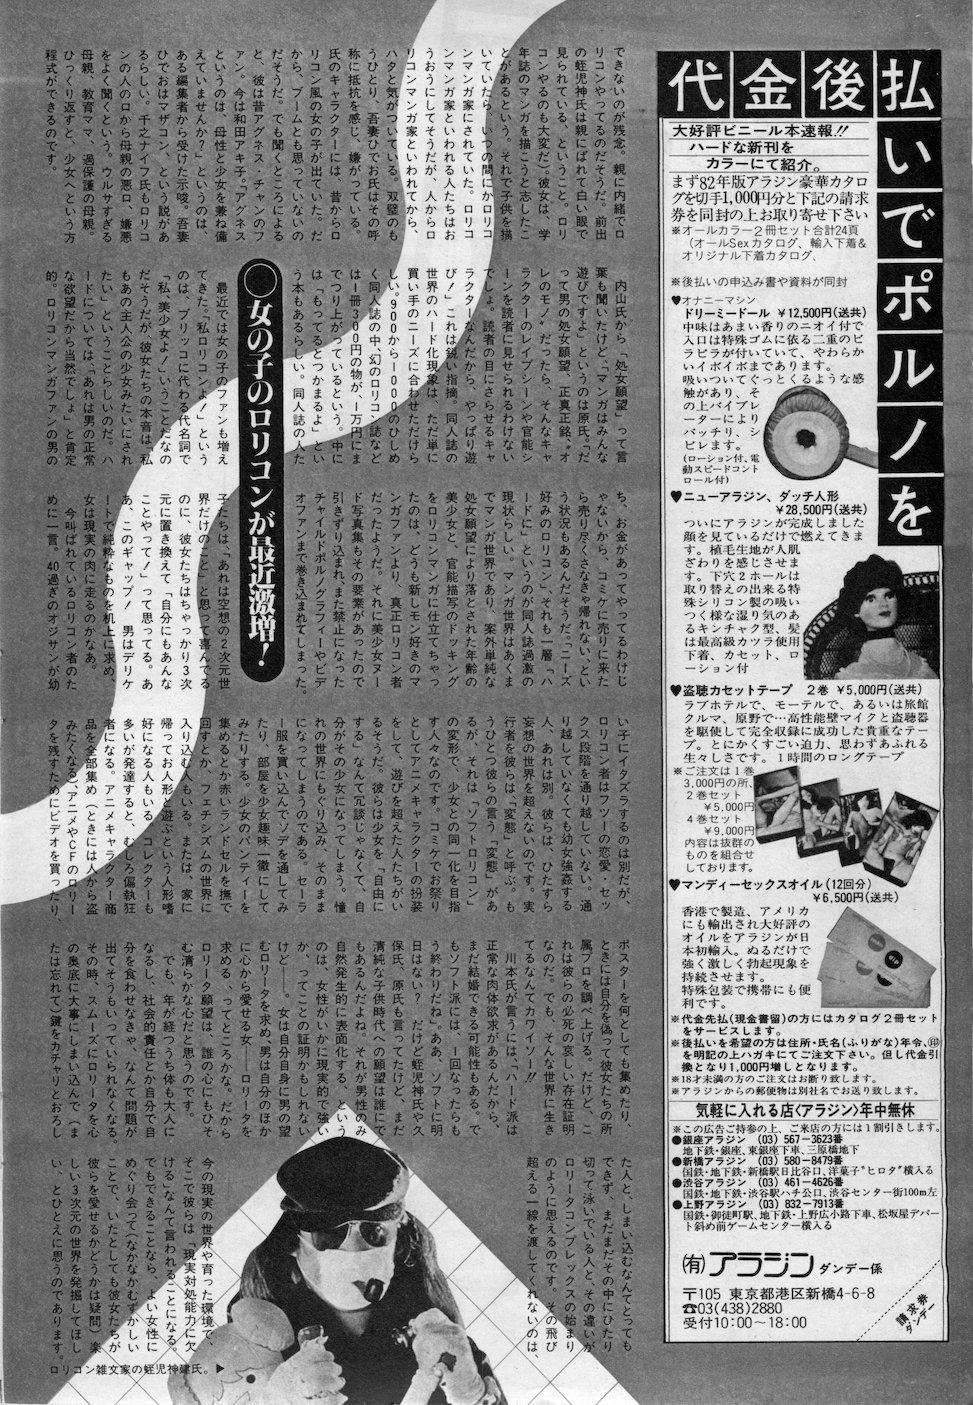 f:id:kougasetumei:20200125105726j:image